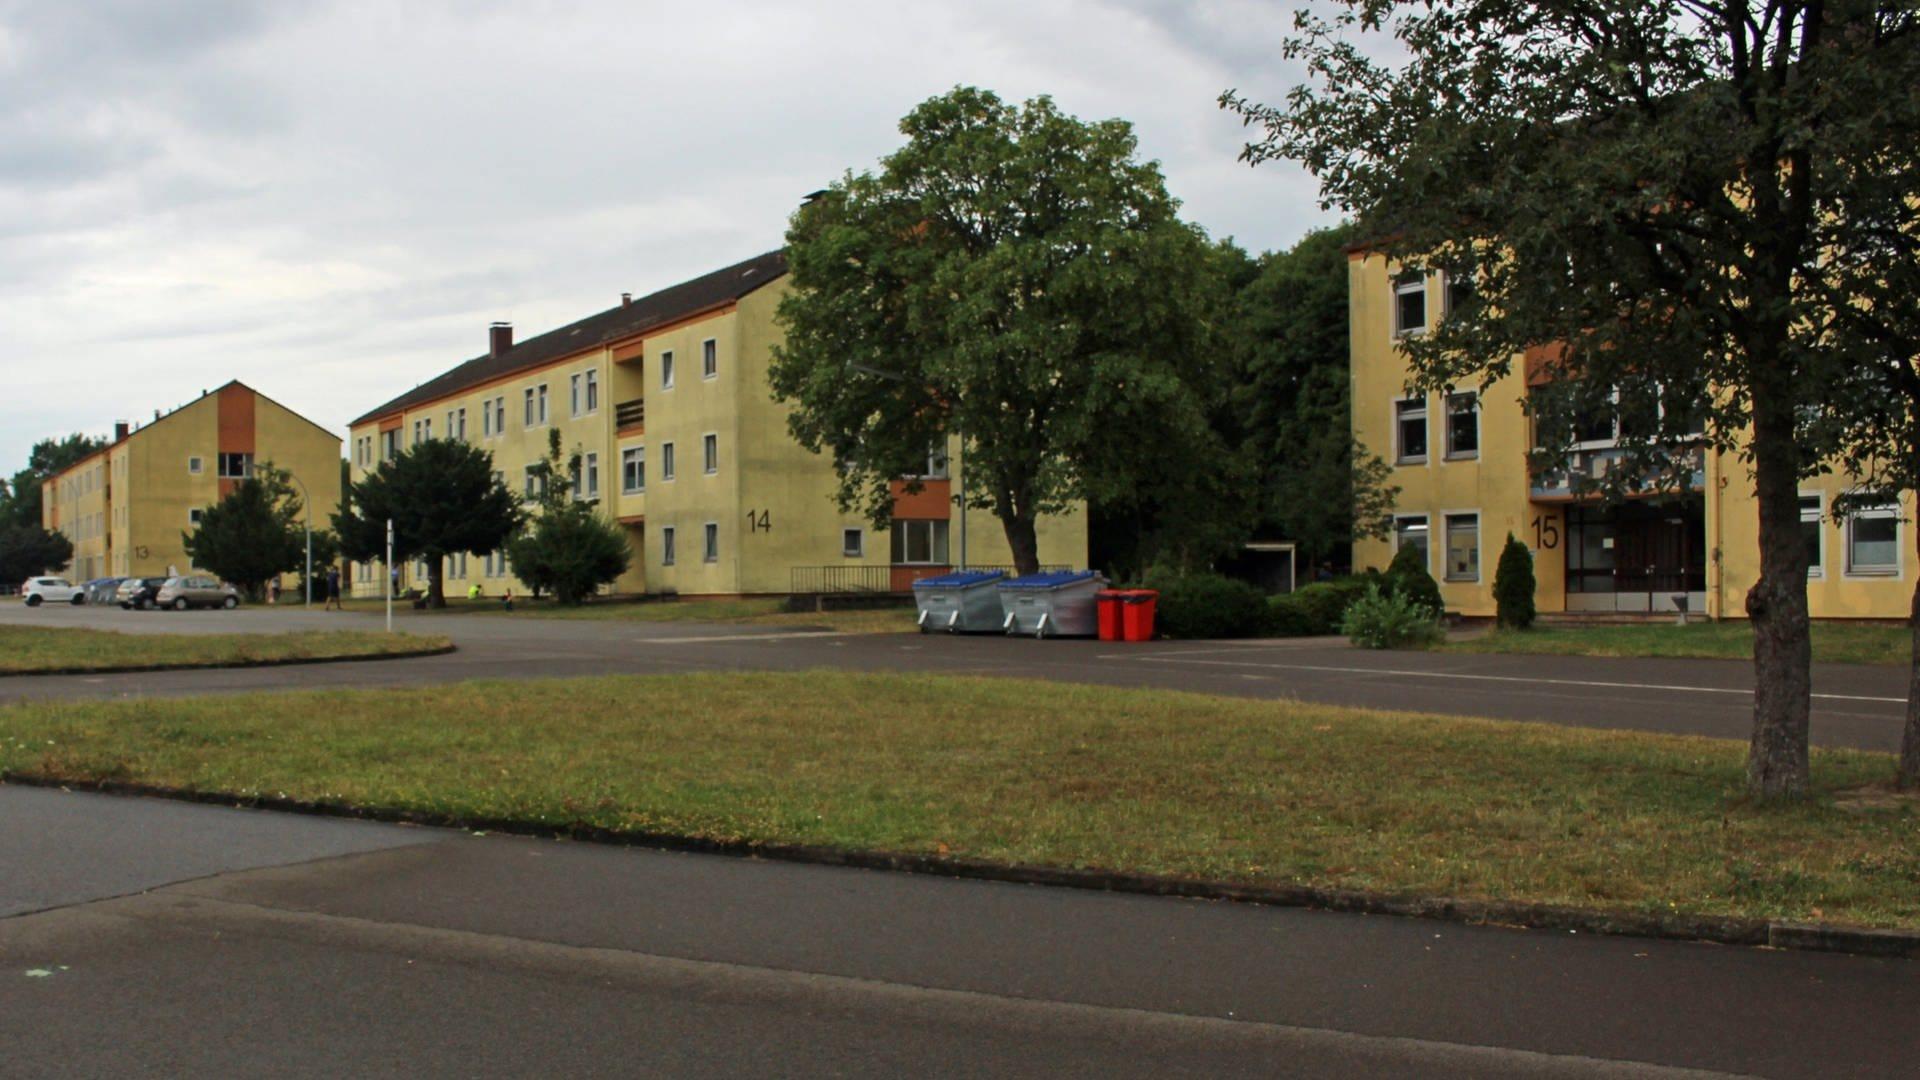 Die ehemalige Kaserne in Kusel dient heute als Flüchtlingsunterkunft.